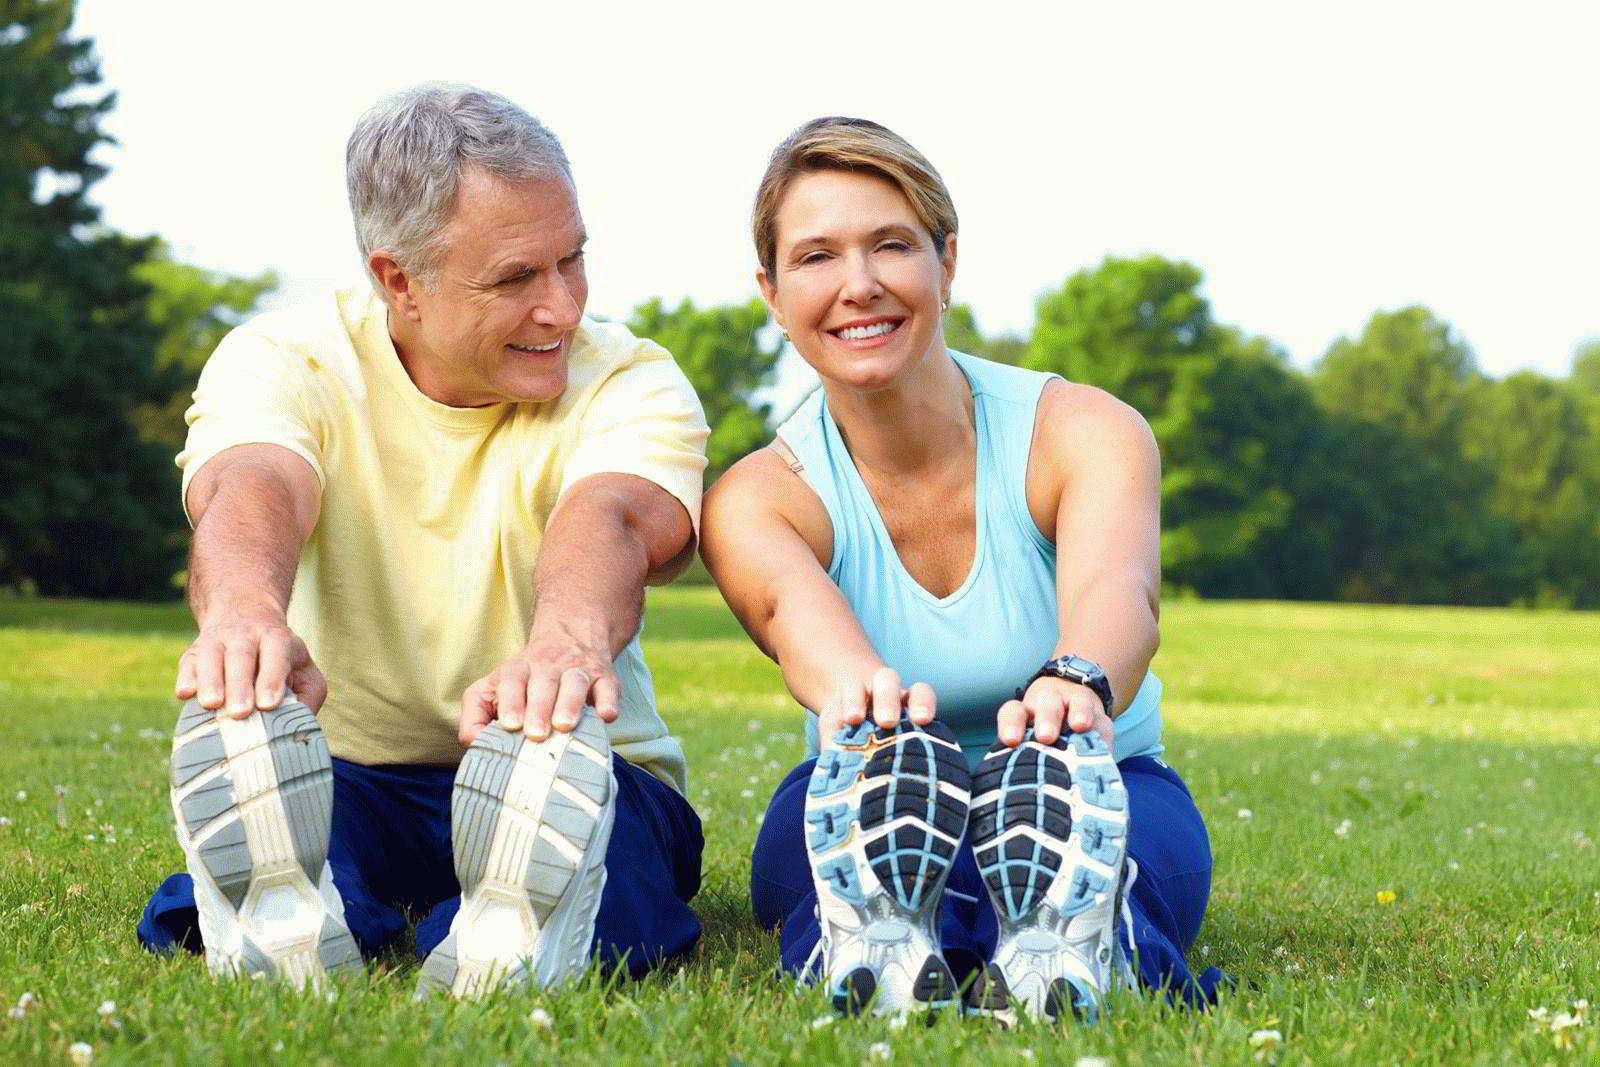 Каким спортом можно заняться в 40-45 лет для своего здоровья